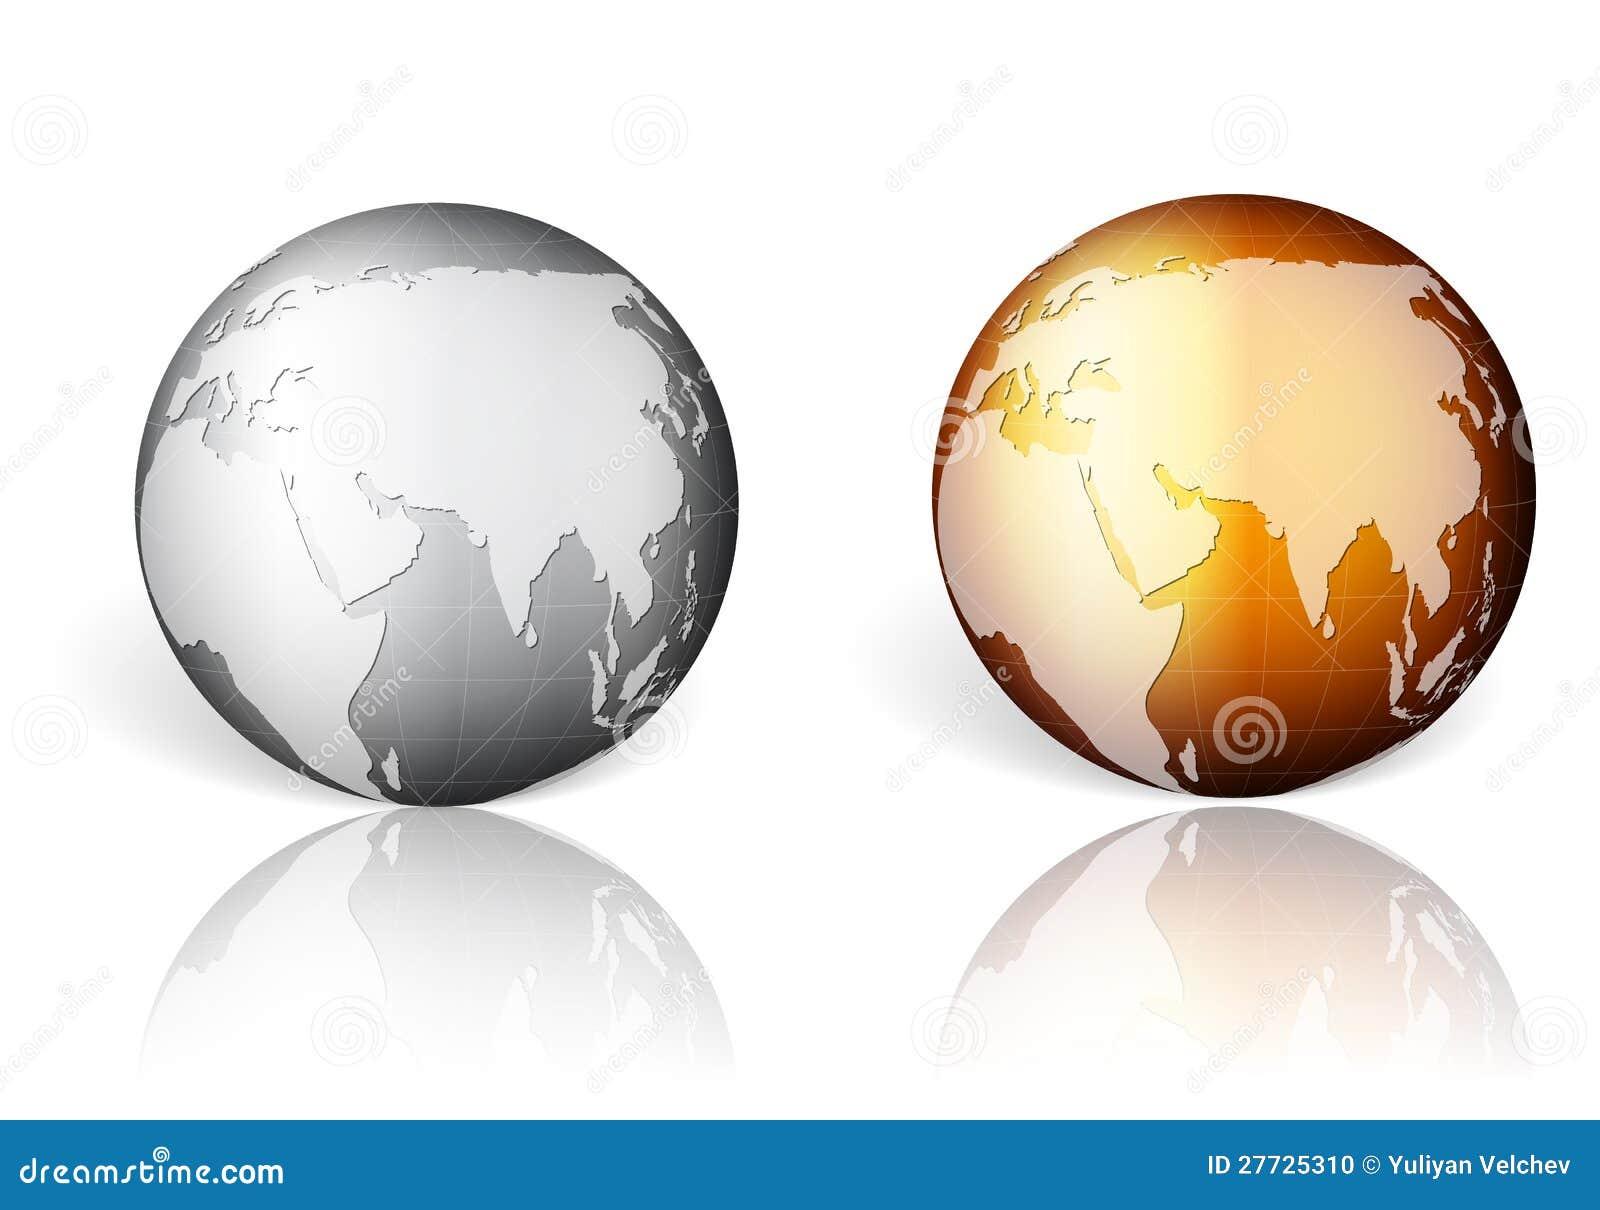 Goldsilberne Weltkugel